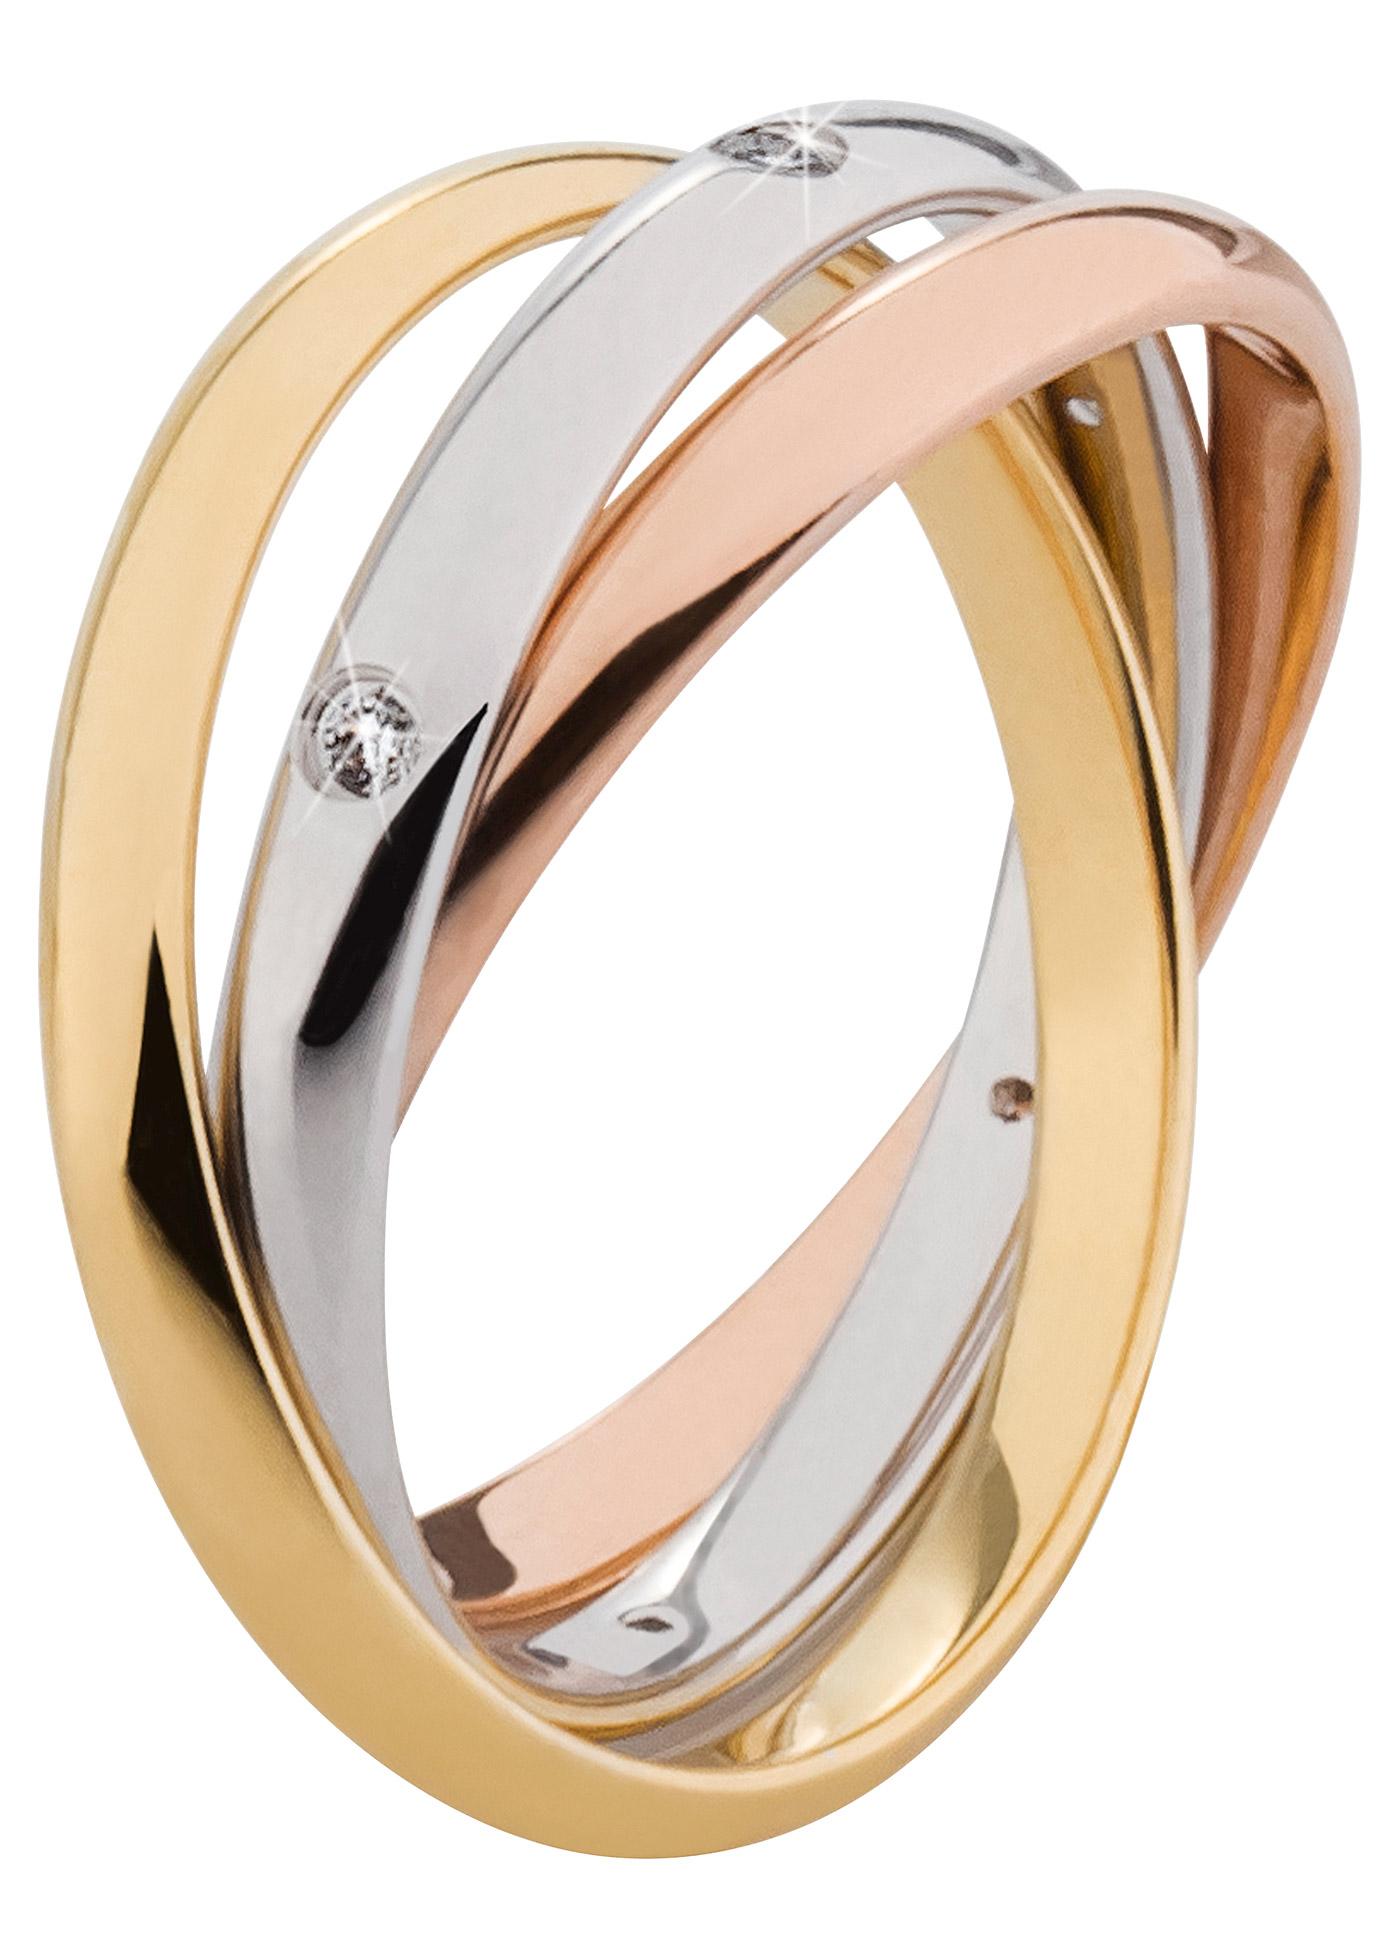 Bague composée de 3 anneaux entrelacés. Voir la rubrique bonprix service/Guide des tailles pour bien choisir votre bijou en ligne. Métal.